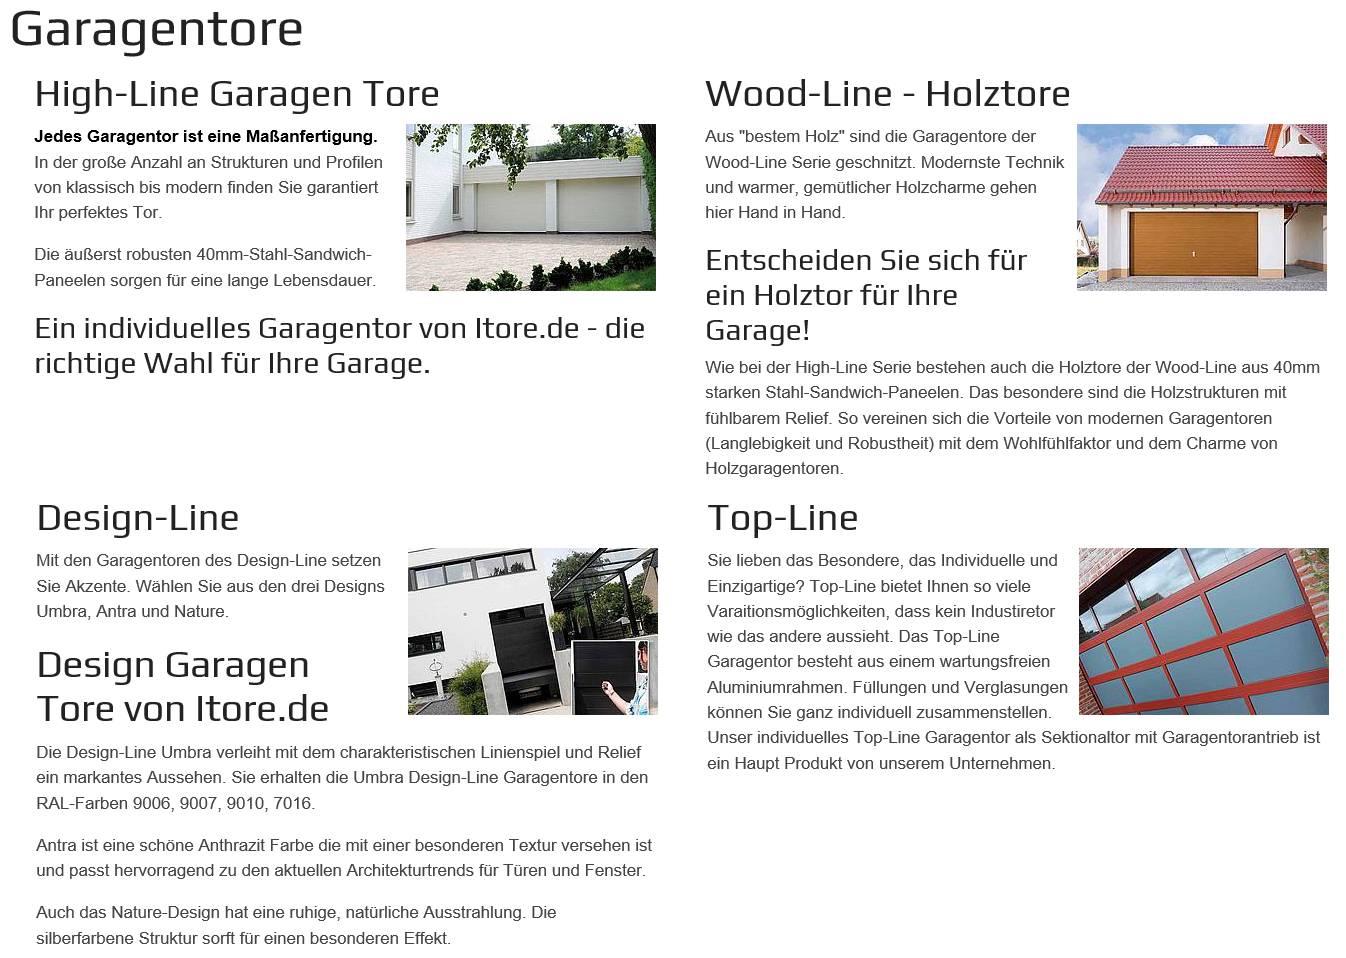 Garagentore für  Köngen , Oberboihingen, Denkendorf, Wernau (Neckar)  und  Altbach, Plochingen, Nürtingen